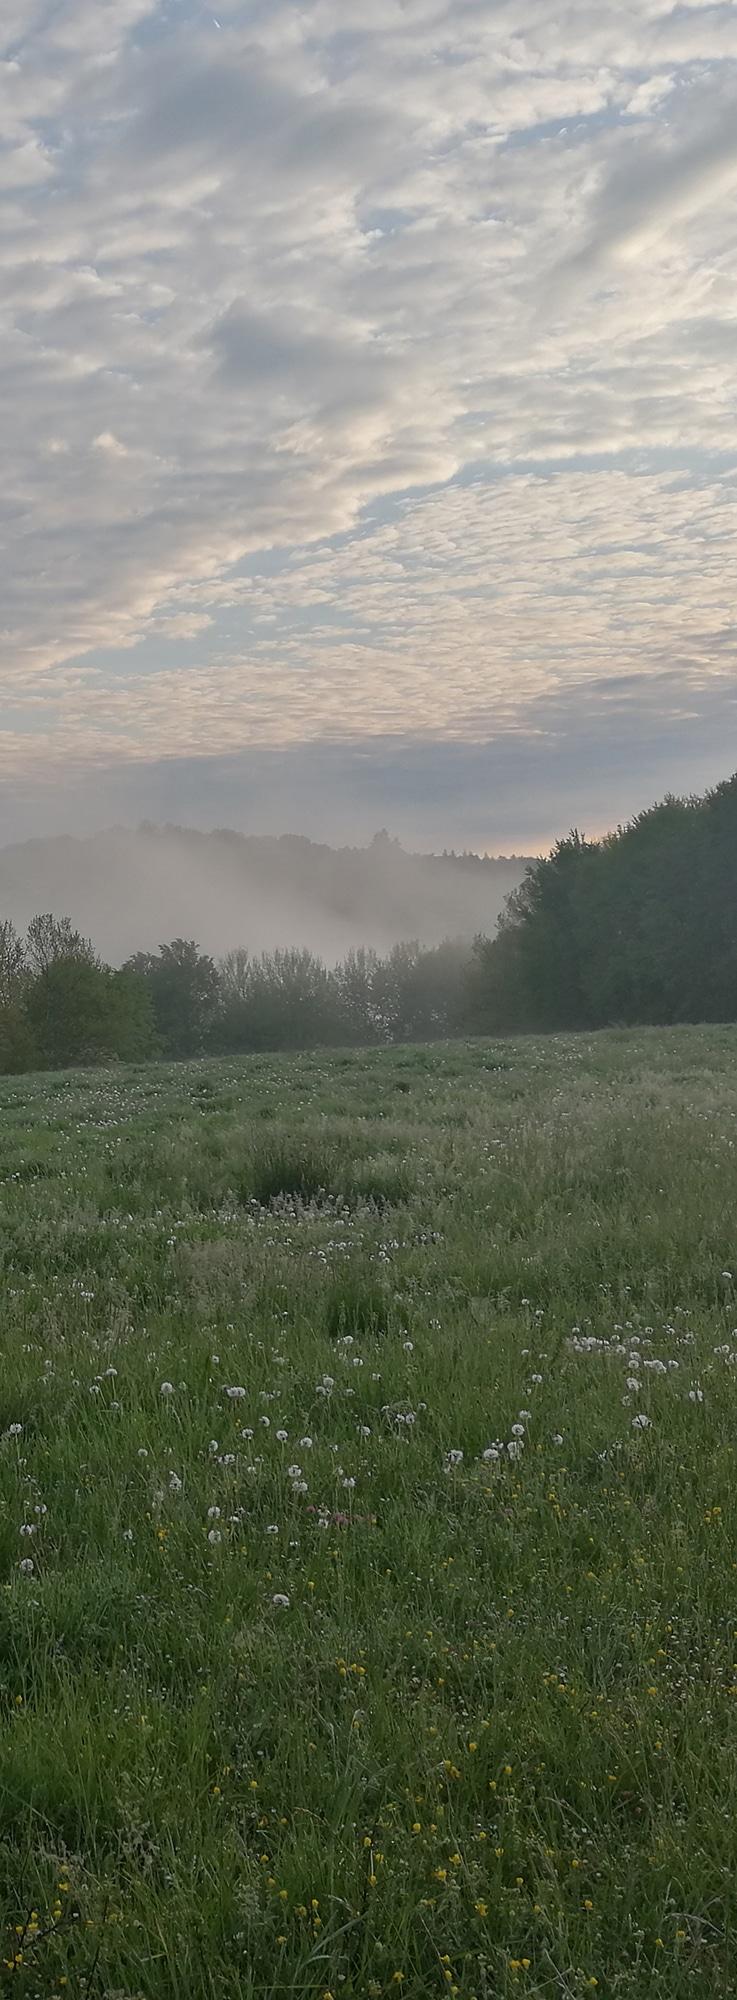 Parcours Campuac Trail d'Aqui est l'espace trail de la Communauté de Communes Comtal Lot Truyère. 21 parcours (Bessuéjouls, Bozouls, Campuac, Coubisou, Entraygues, Espalion, Espeyrac, Estaing, Gabriac, Golinhac, La Loubière, Lassouts, Le Cayrol, Le Fel, Le Nayrac, Montrozier, Rodelle, Saint-Côme-d'Olt, Saint-Hippolyte, Sébrazac, Villecomtal) et 2 parcours demi-kilomètre vertical permettent de découvrir plus de 500 kilomètres de chemins et monotraces.